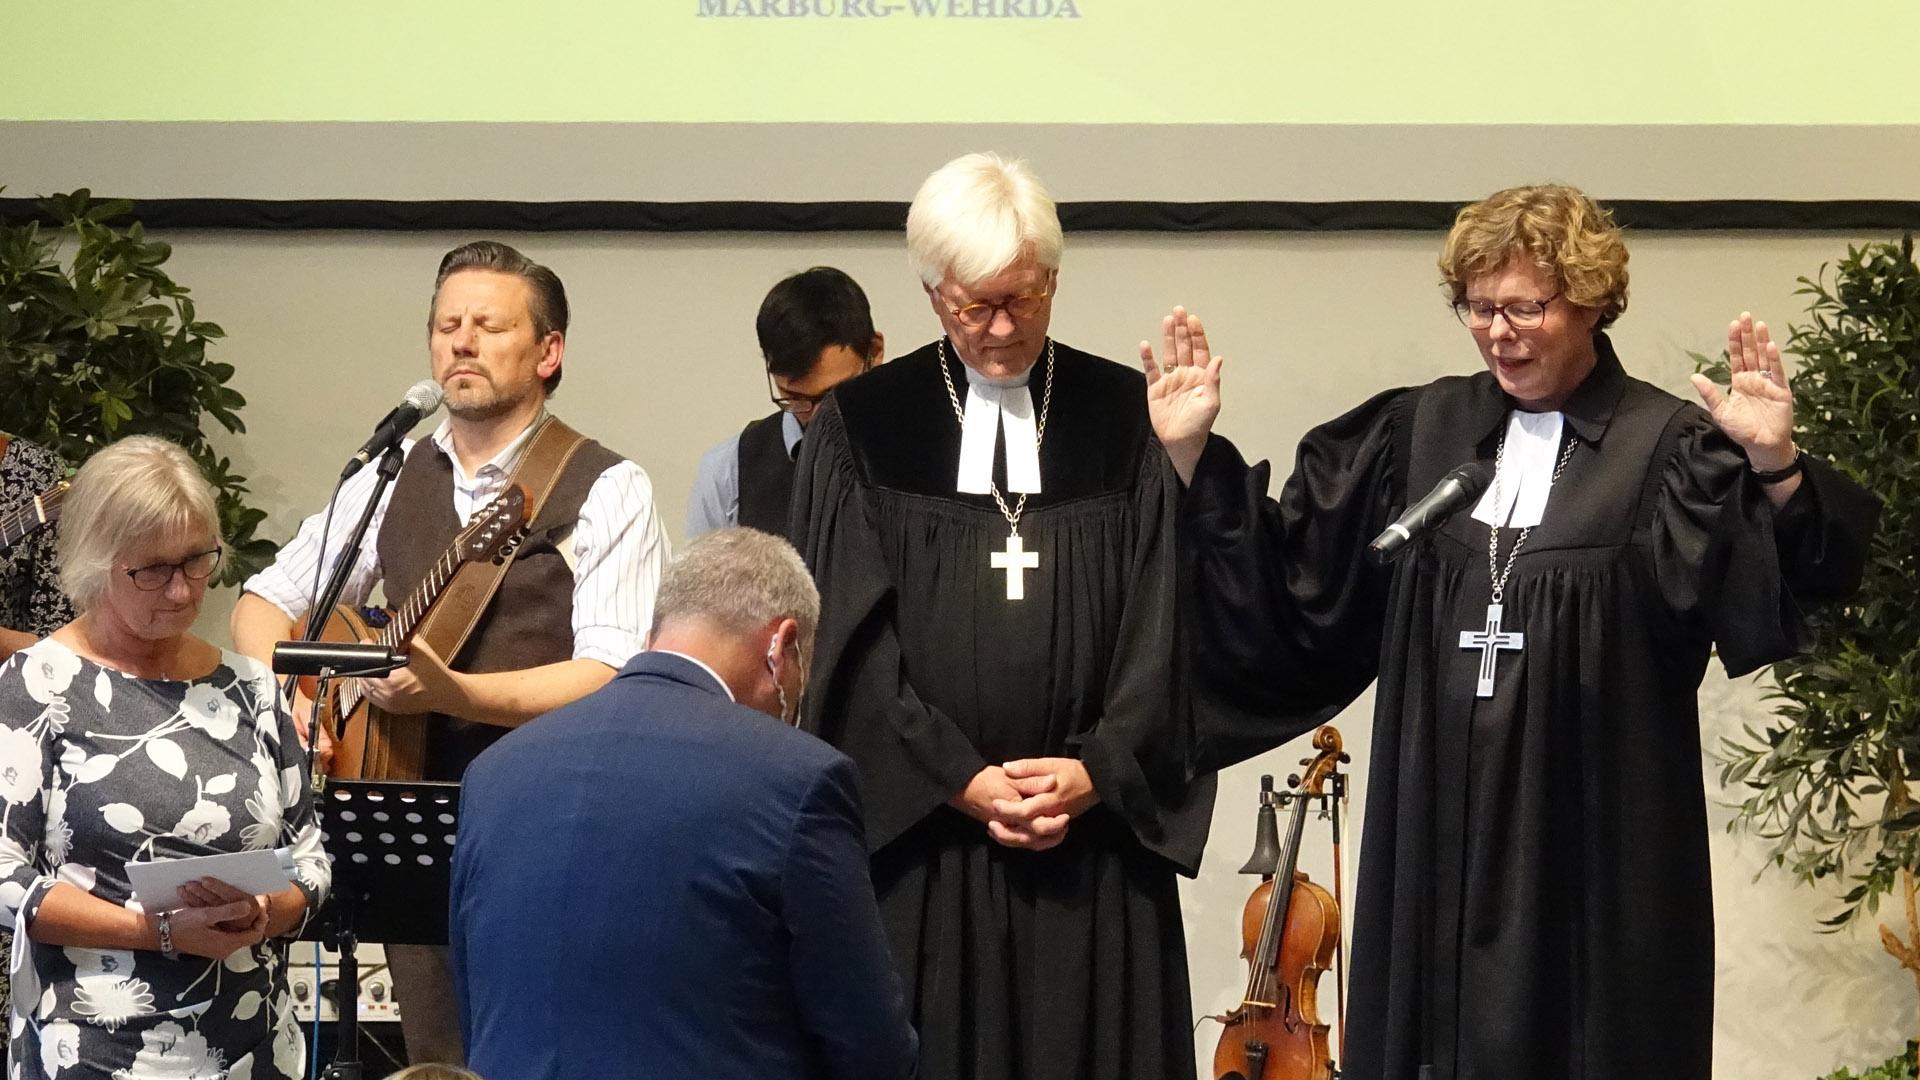 Außer Frey sprachen ihm Beate Hofmann, Bischöfin der Evangelischen Kirche in Kurhessen und Waldeck (rechts), Heinrich Bedford-Strohm, Ratsvorsitzender der EKD (Mitte), sowie Elke Wicke aus dem Gnadauer Vorstand (ganz links) einen Segen zu